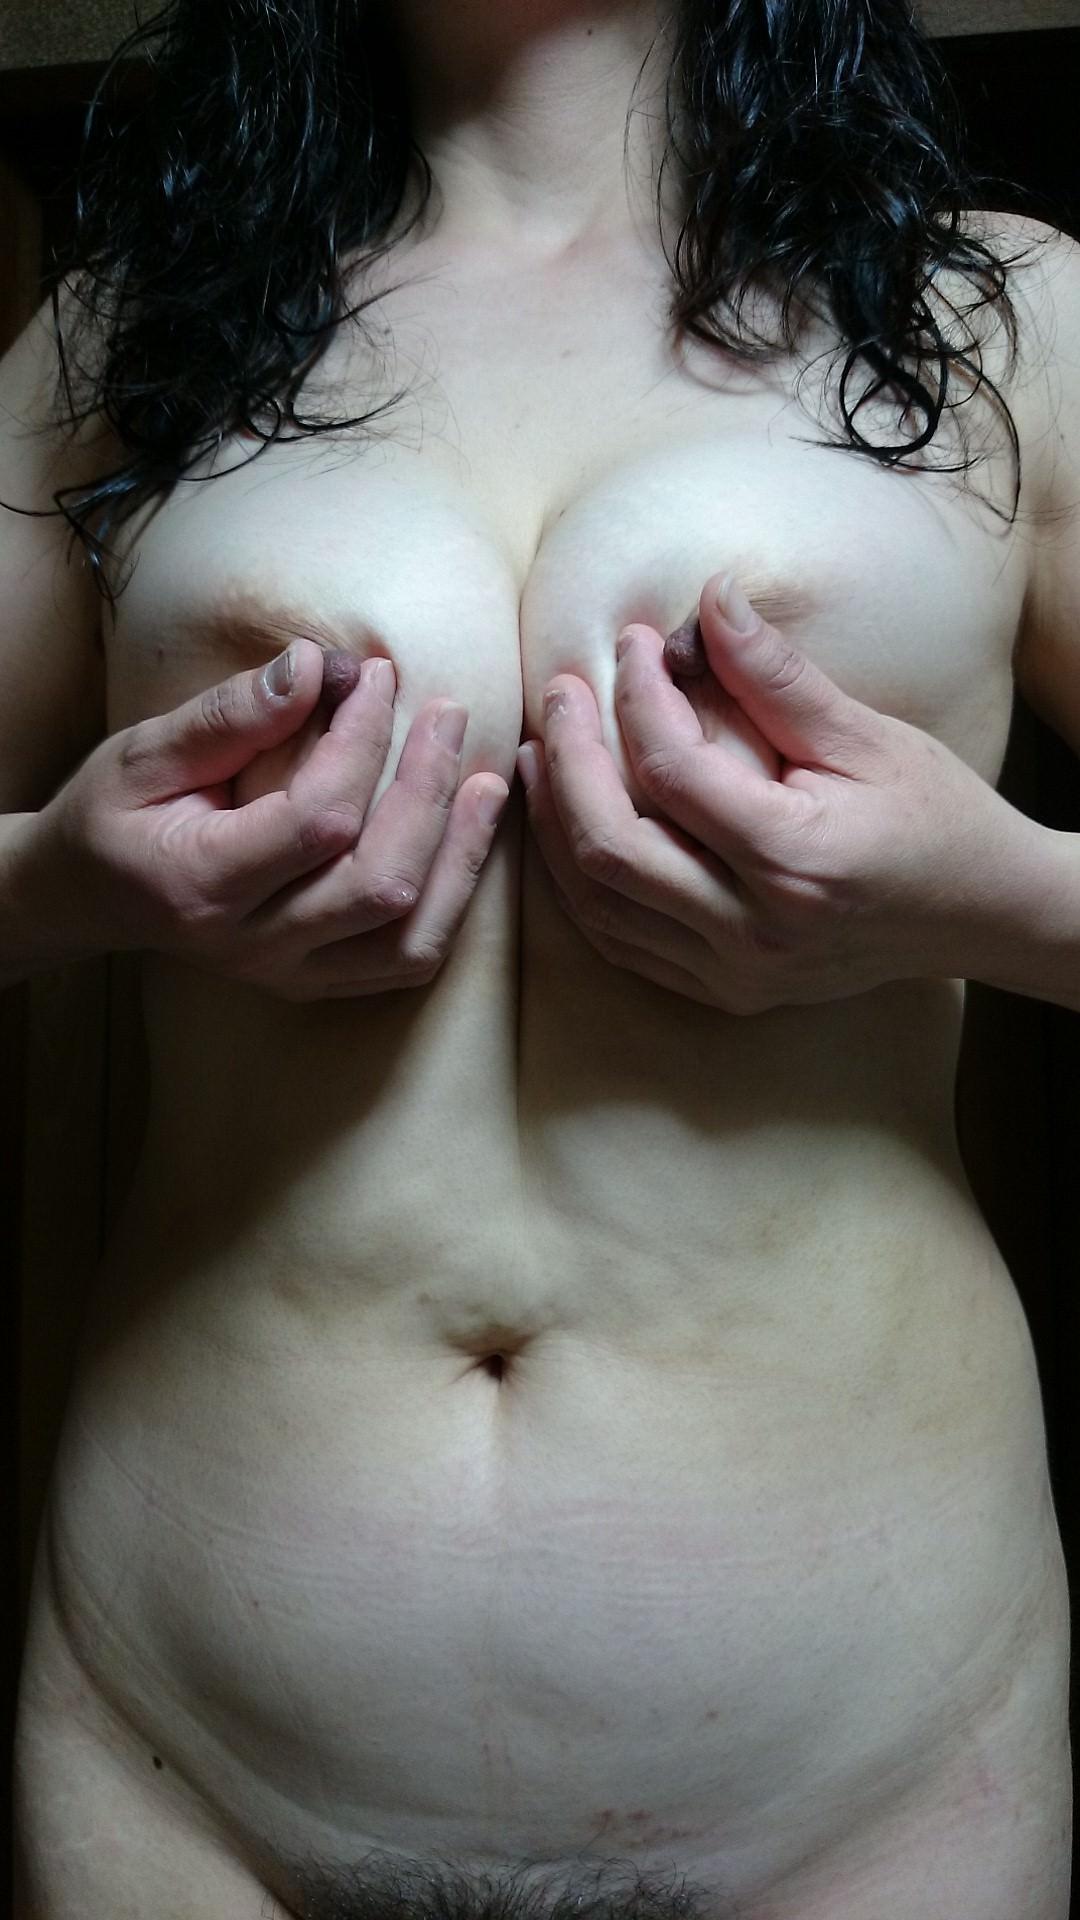 ぽっちゃり系??いや、デブ女どもの全裸を集めた素人ヌード集www 0228